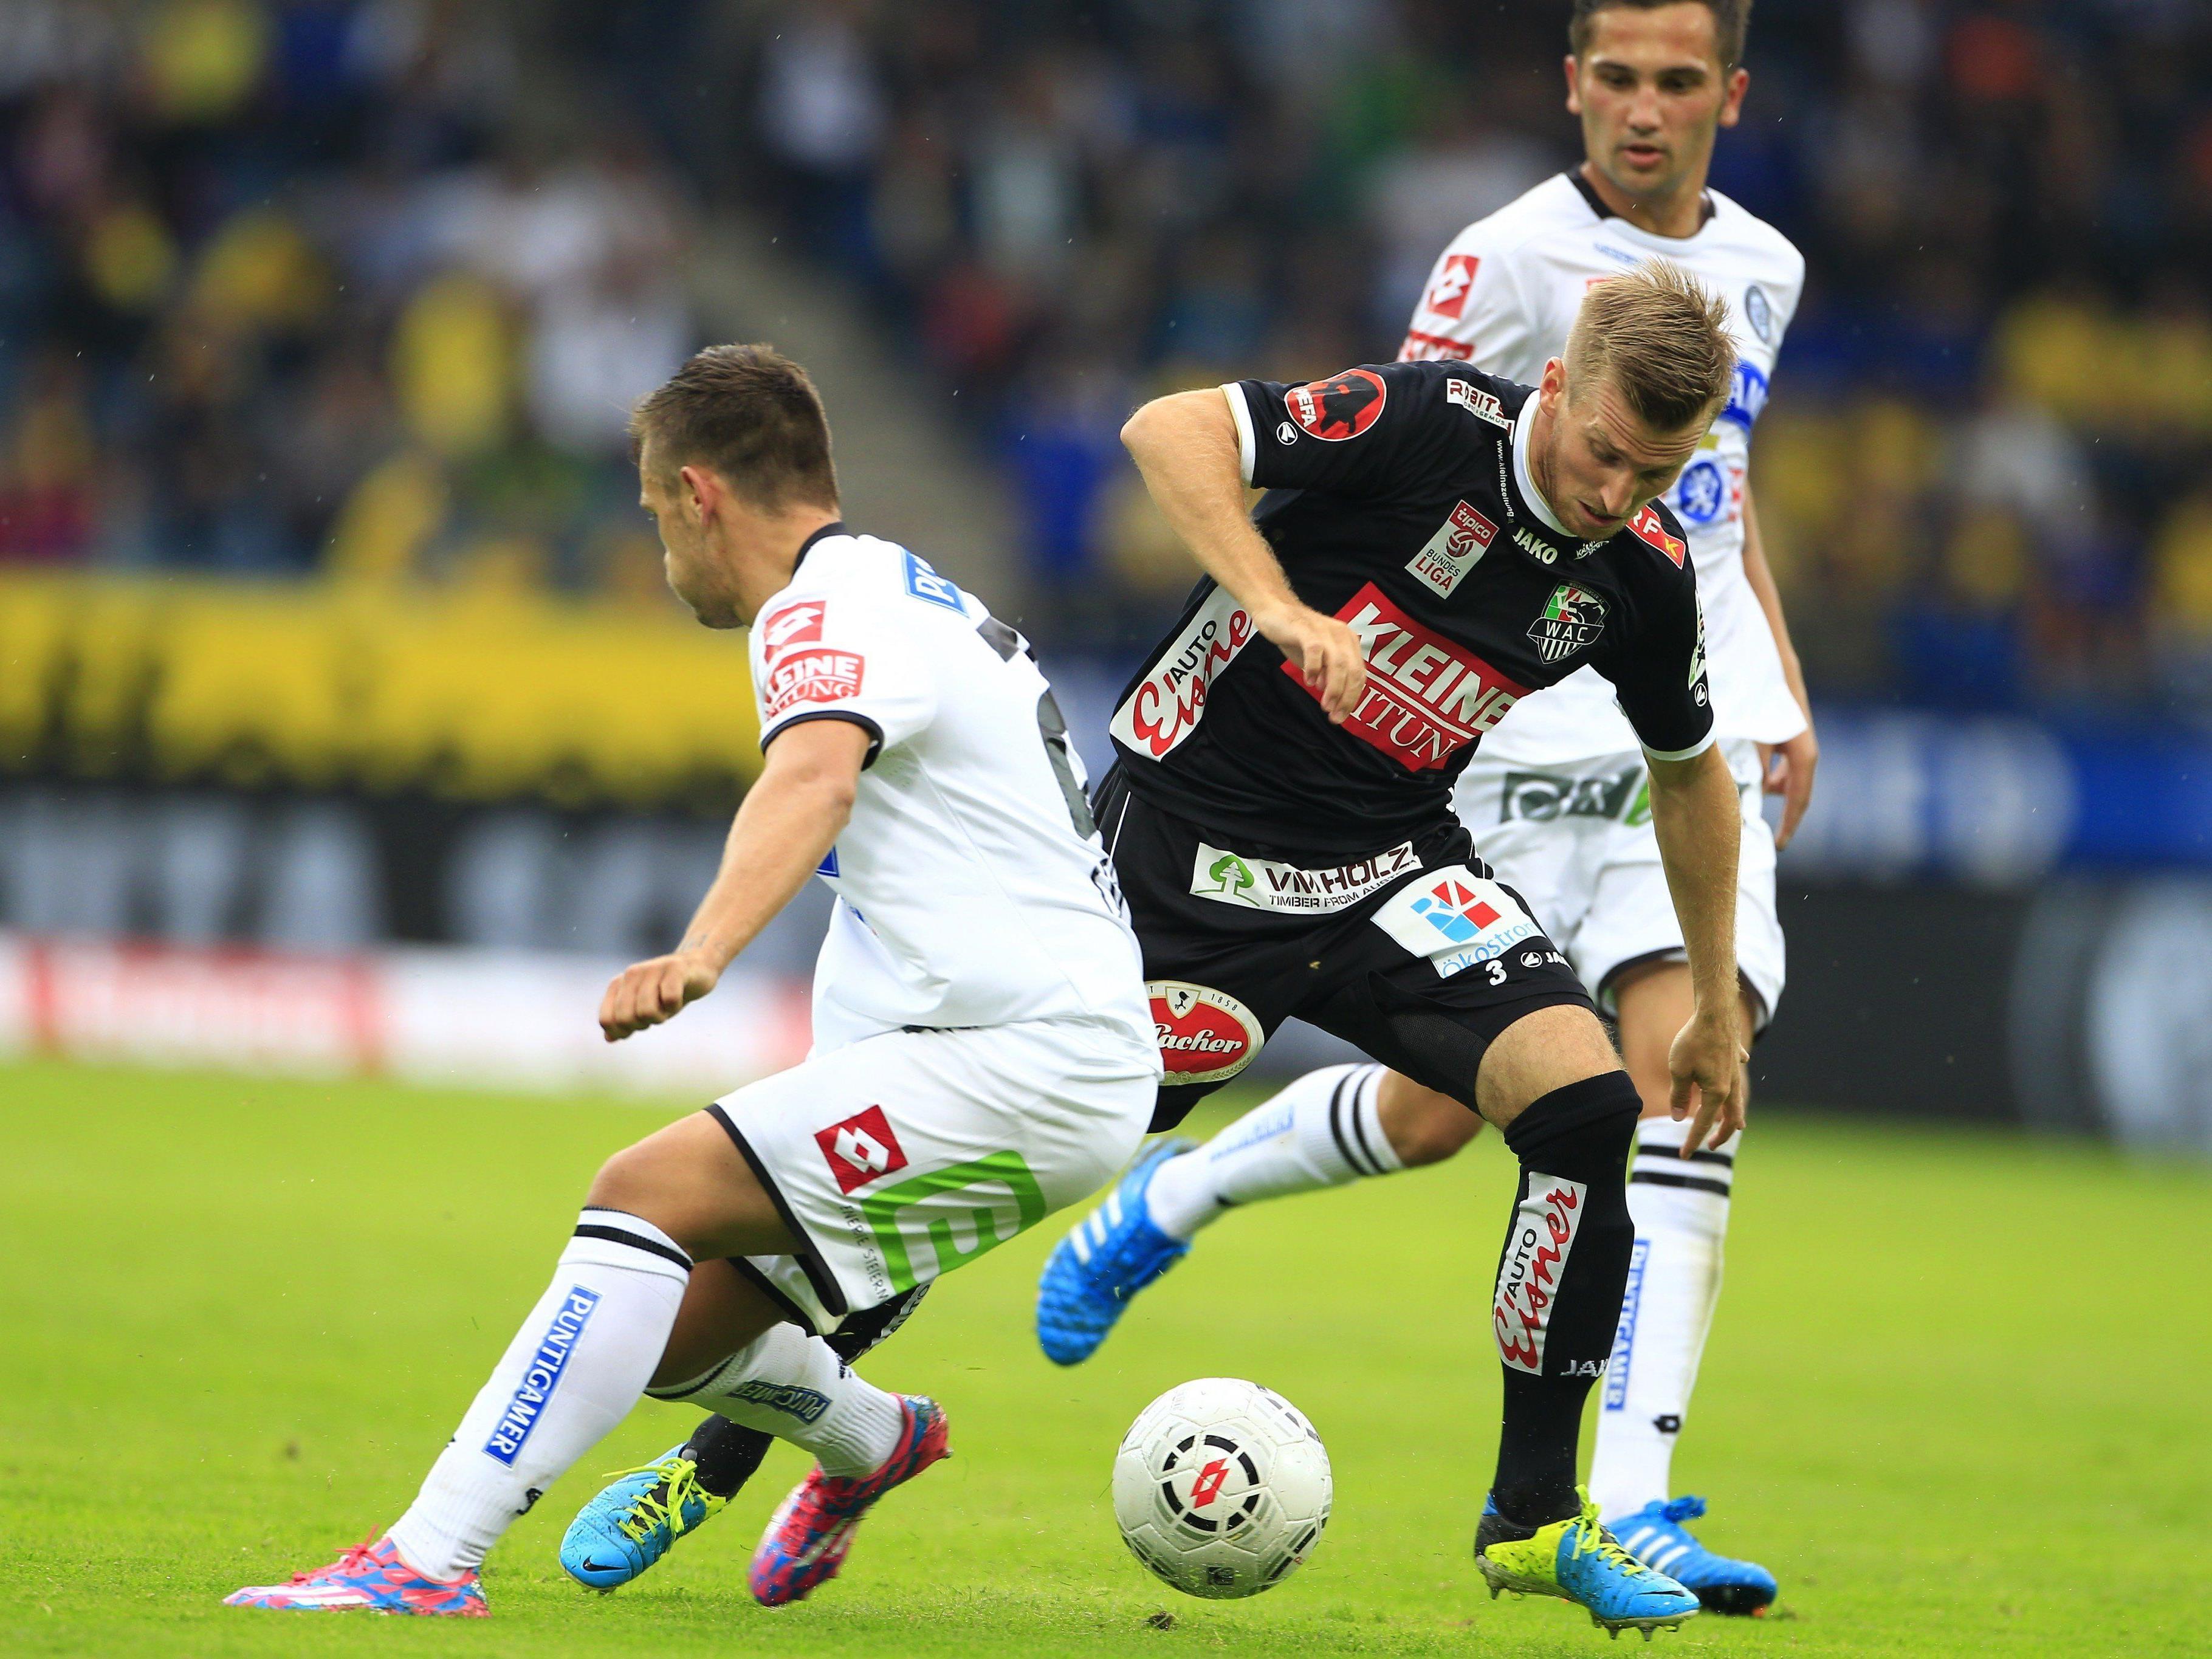 LIVE-Ticker zum Spiel WAC gegen SK Sturm Graz ab 16.00 Uhr.